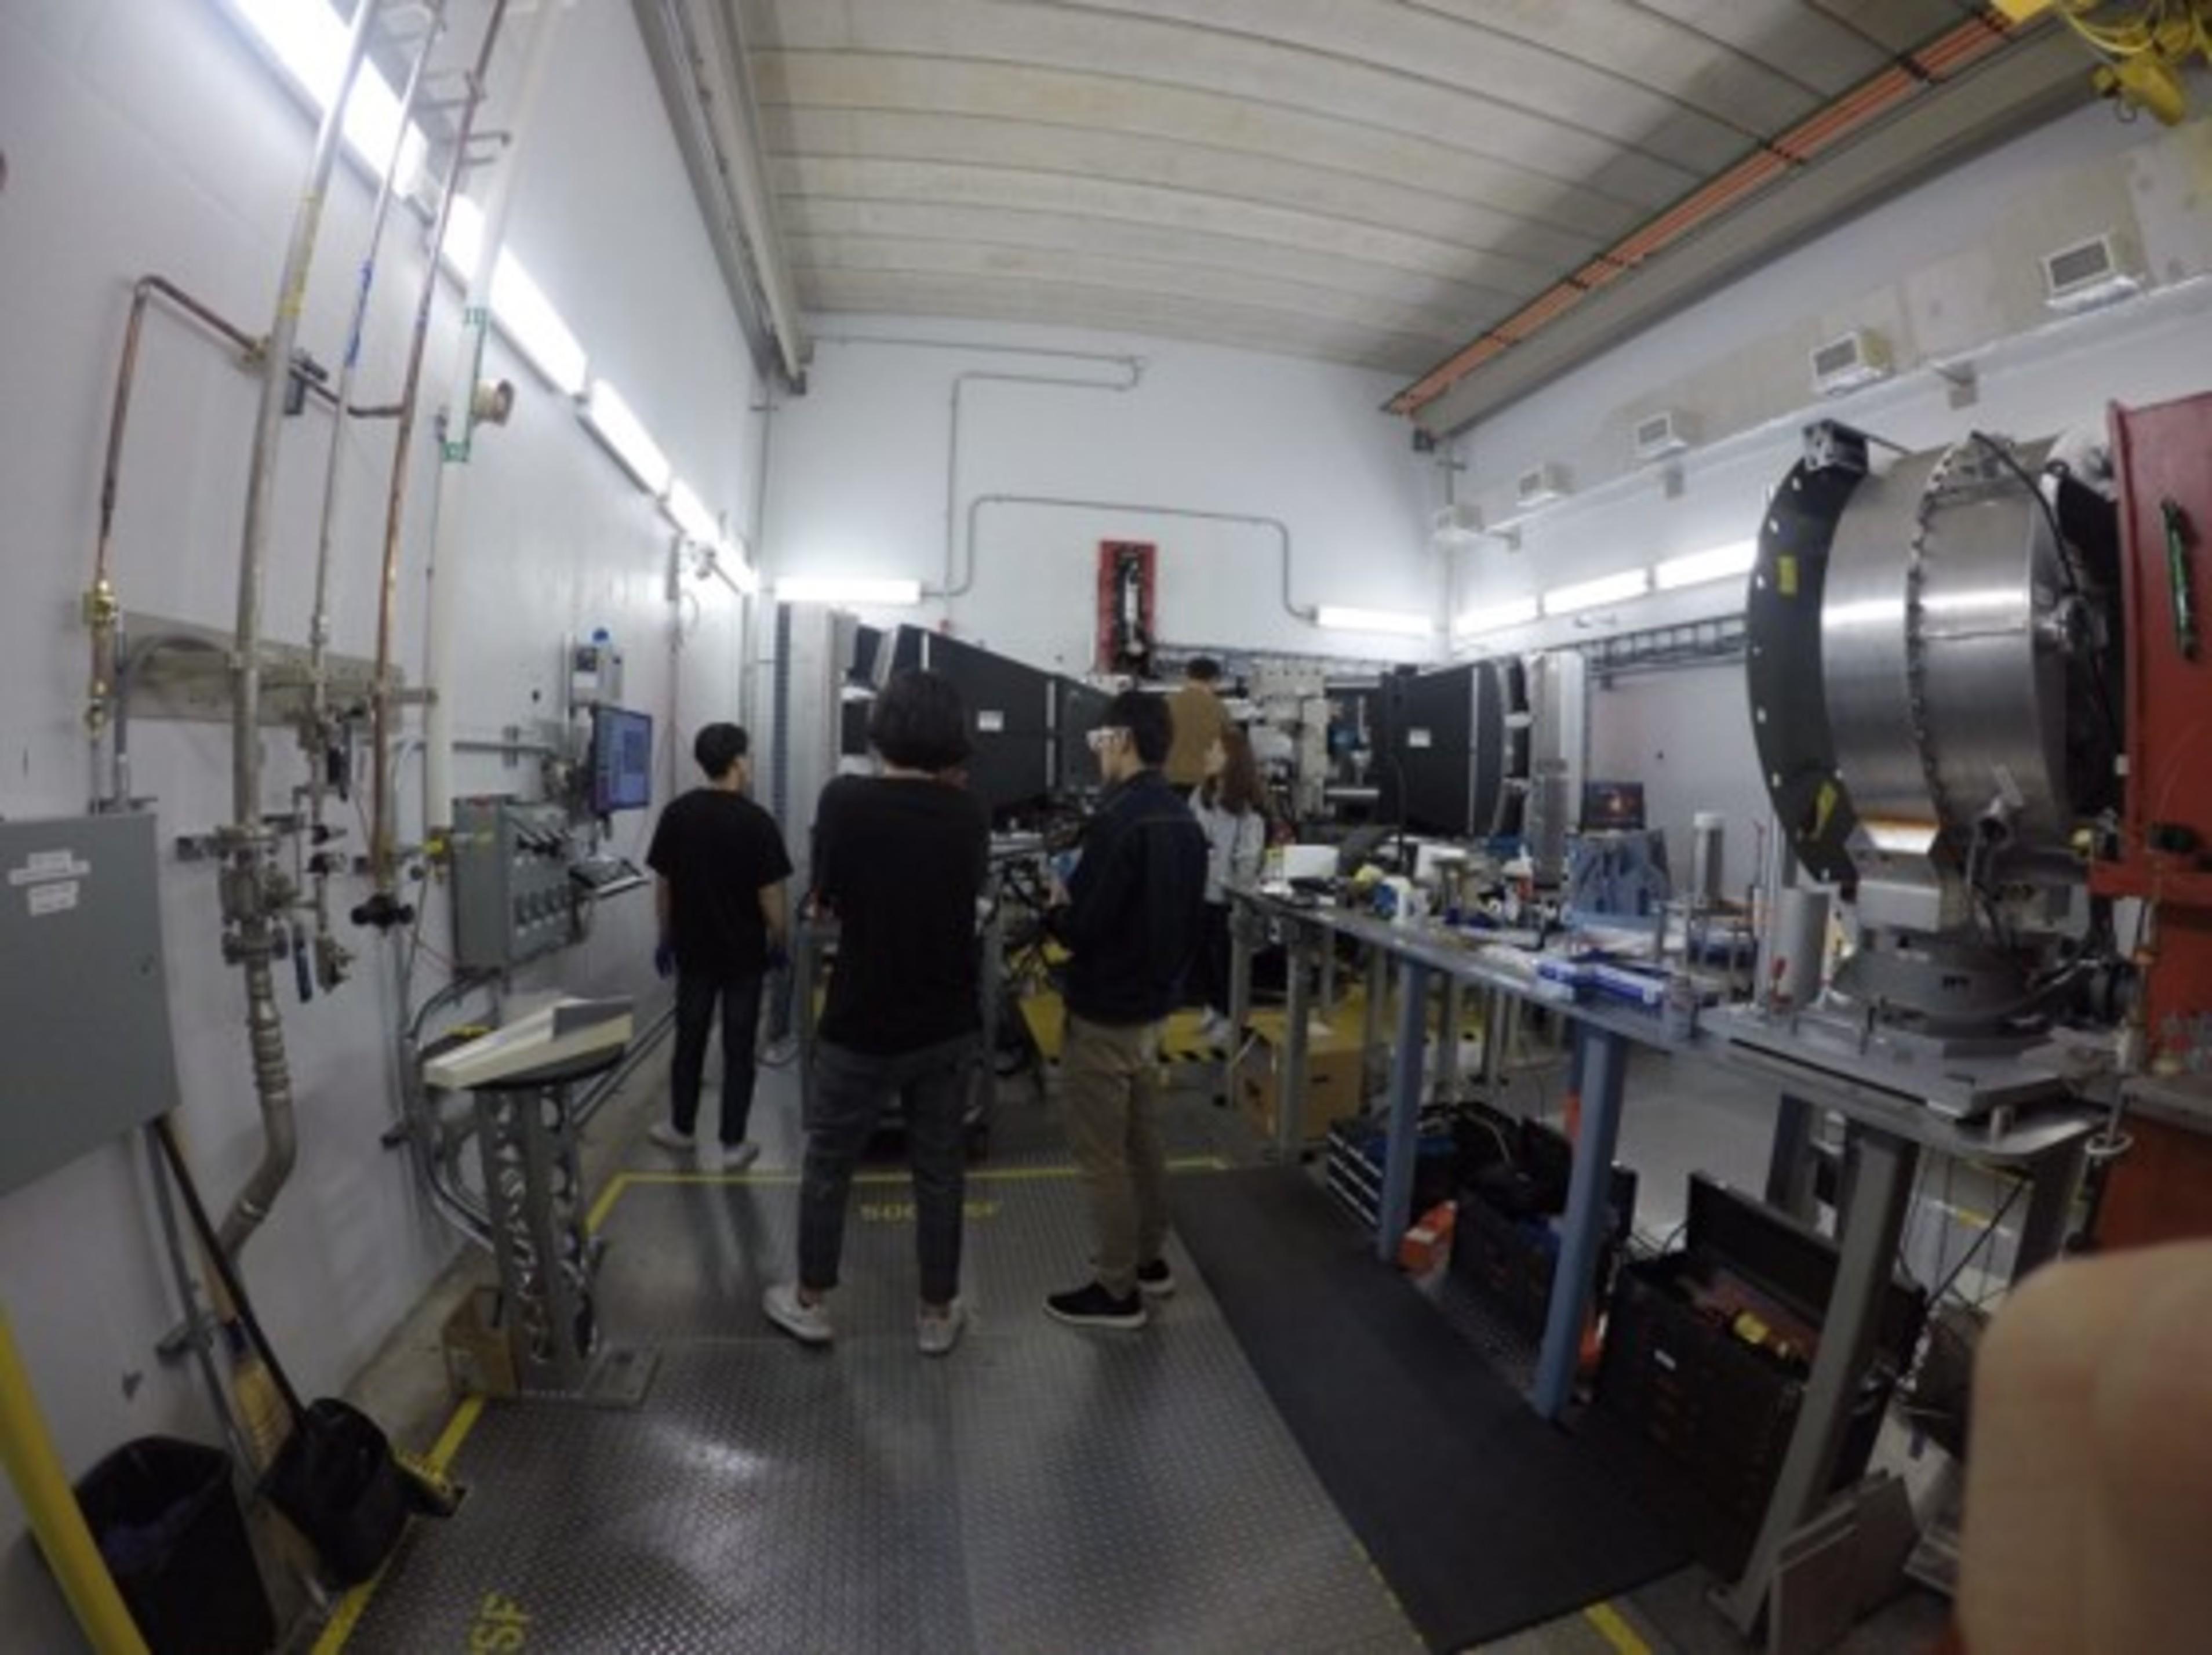 即時中子機械性能量測@美國橡樹嶺國家實驗室